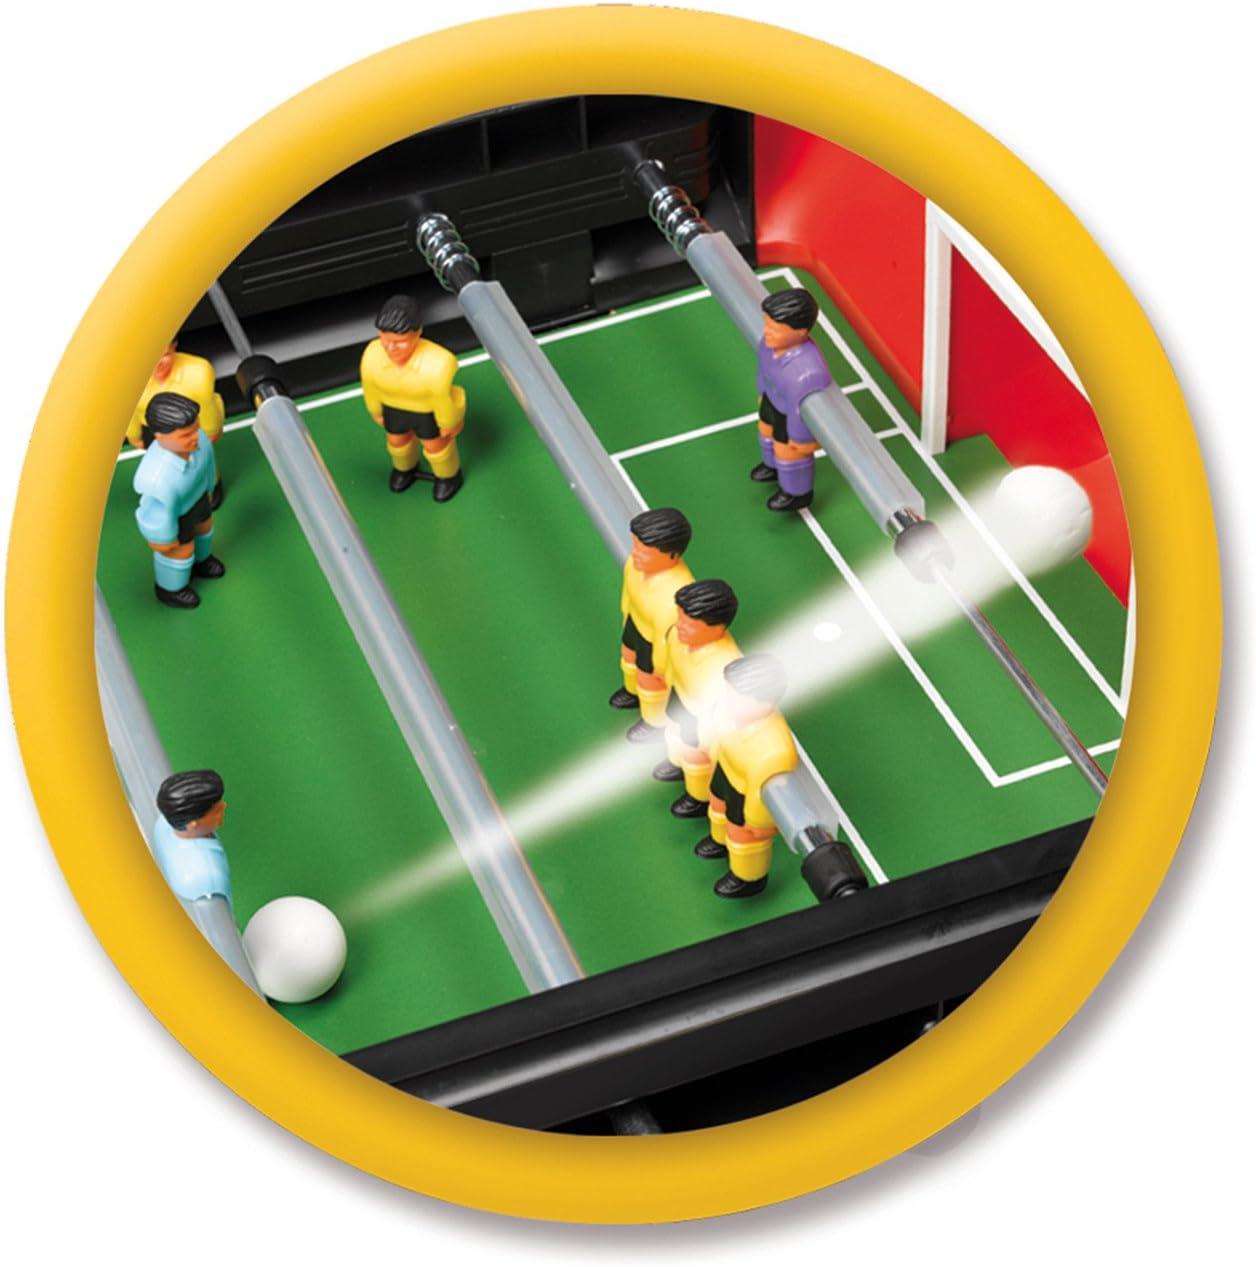 Chicos - Strategic Liga Futbolín Infantil con Jugadores ...